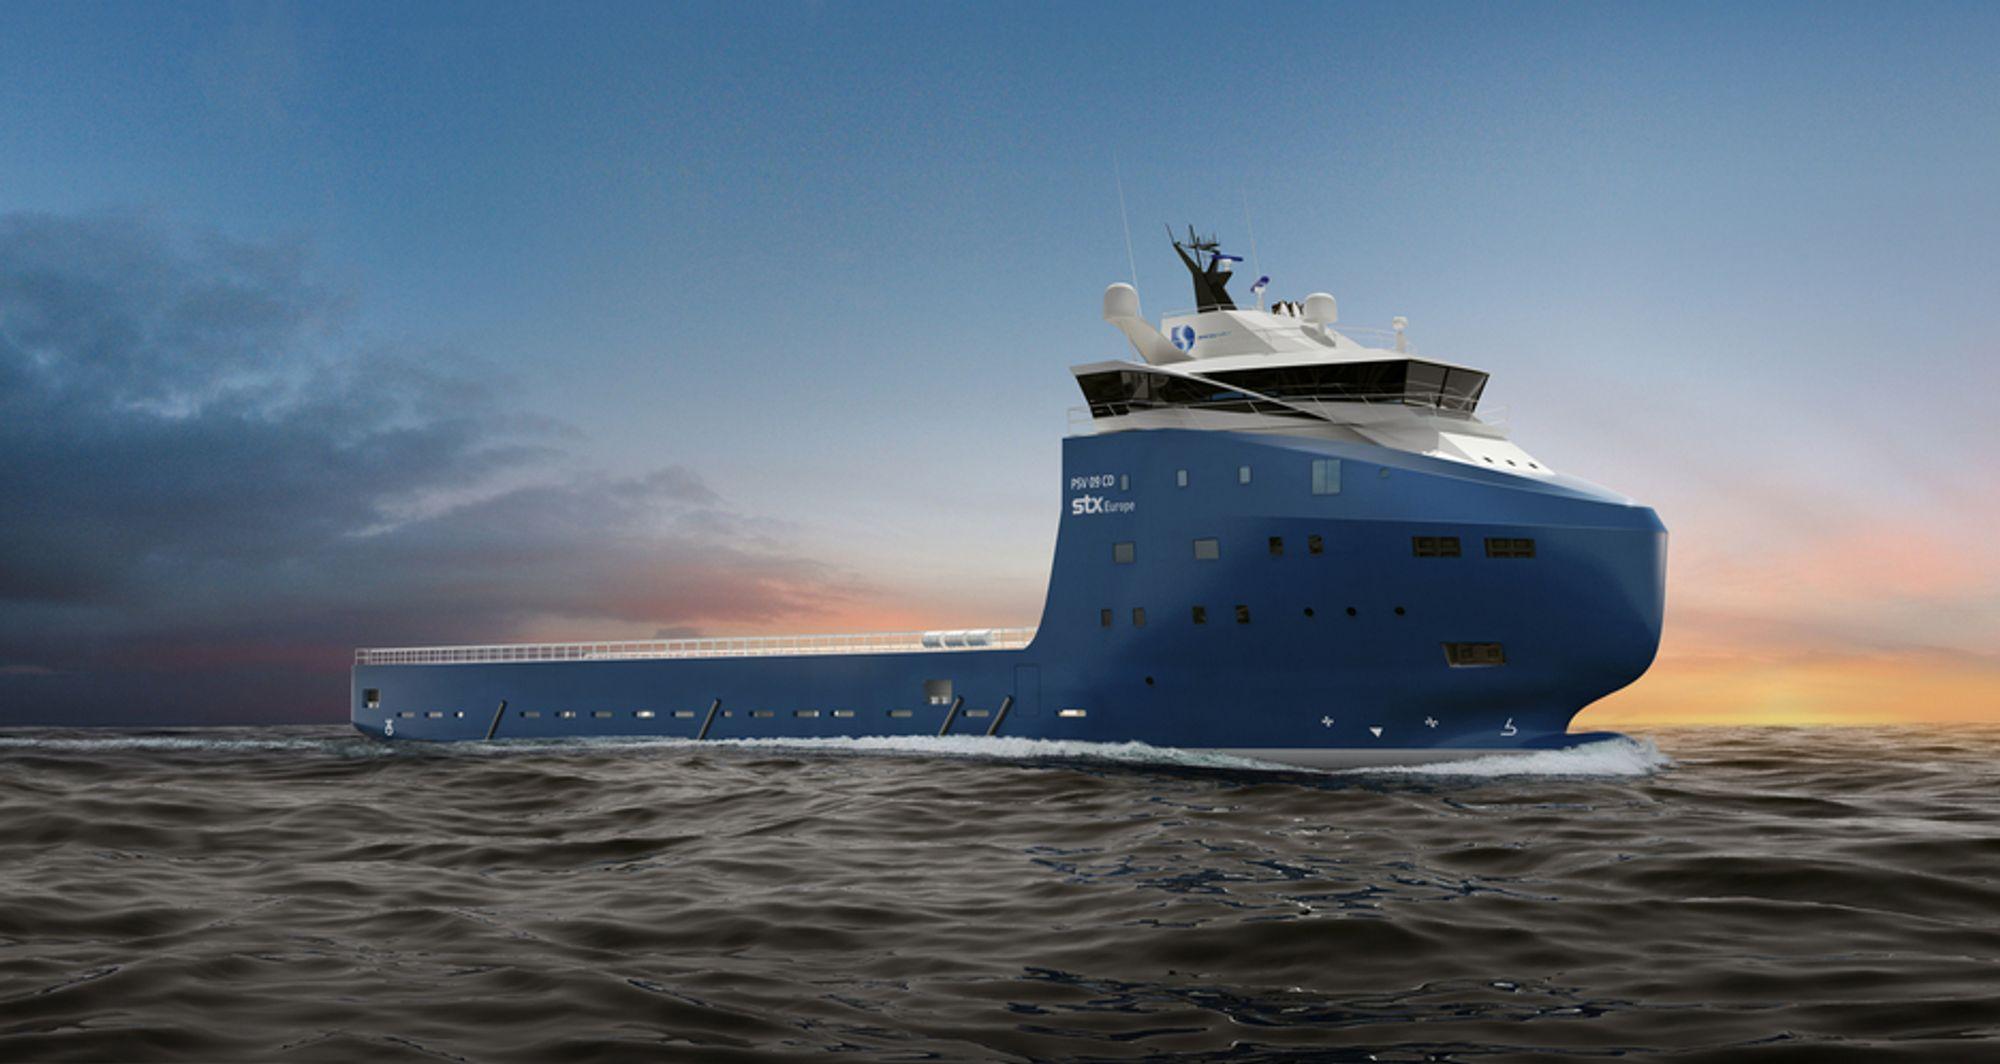 NEW LOOK: STX Norway Offshore Design har utviklet den nye forsyningsskipstypen PSV 09 CD for STX Europe. Slik skal skipet til Deep Sea Supply Navegação Maritima Ltda. i Brazil se ut når det er fredig bygget i Brasil ved STX Brazil Offshore.